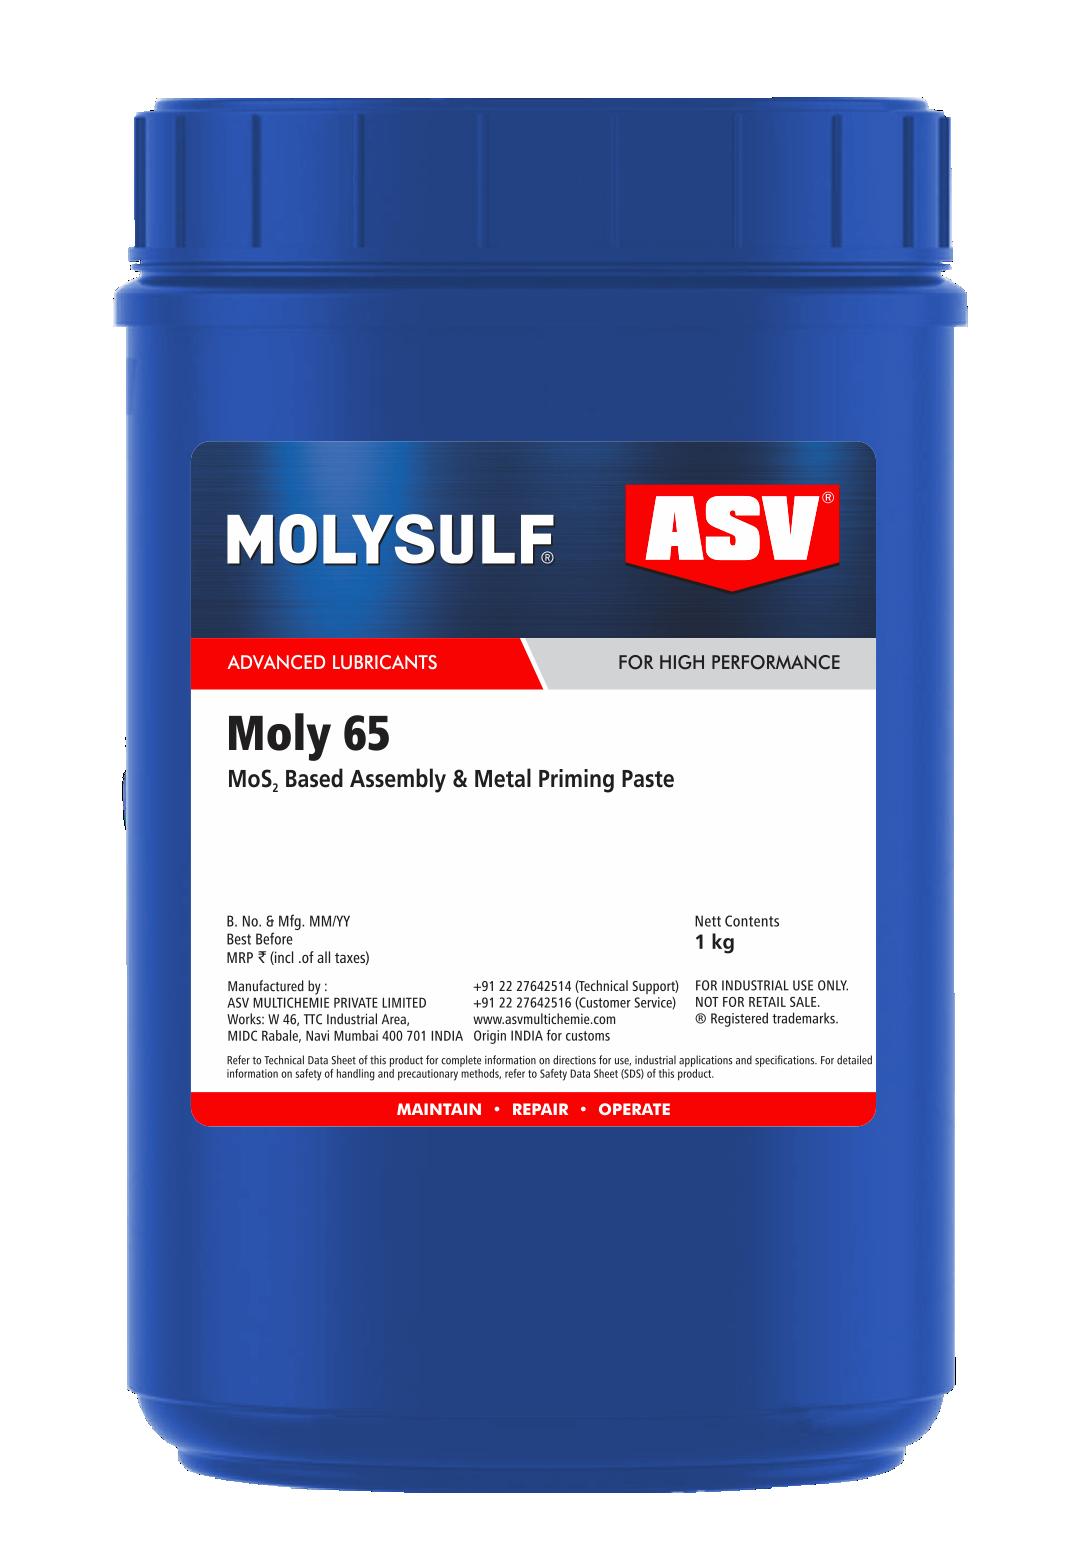 Moly 65